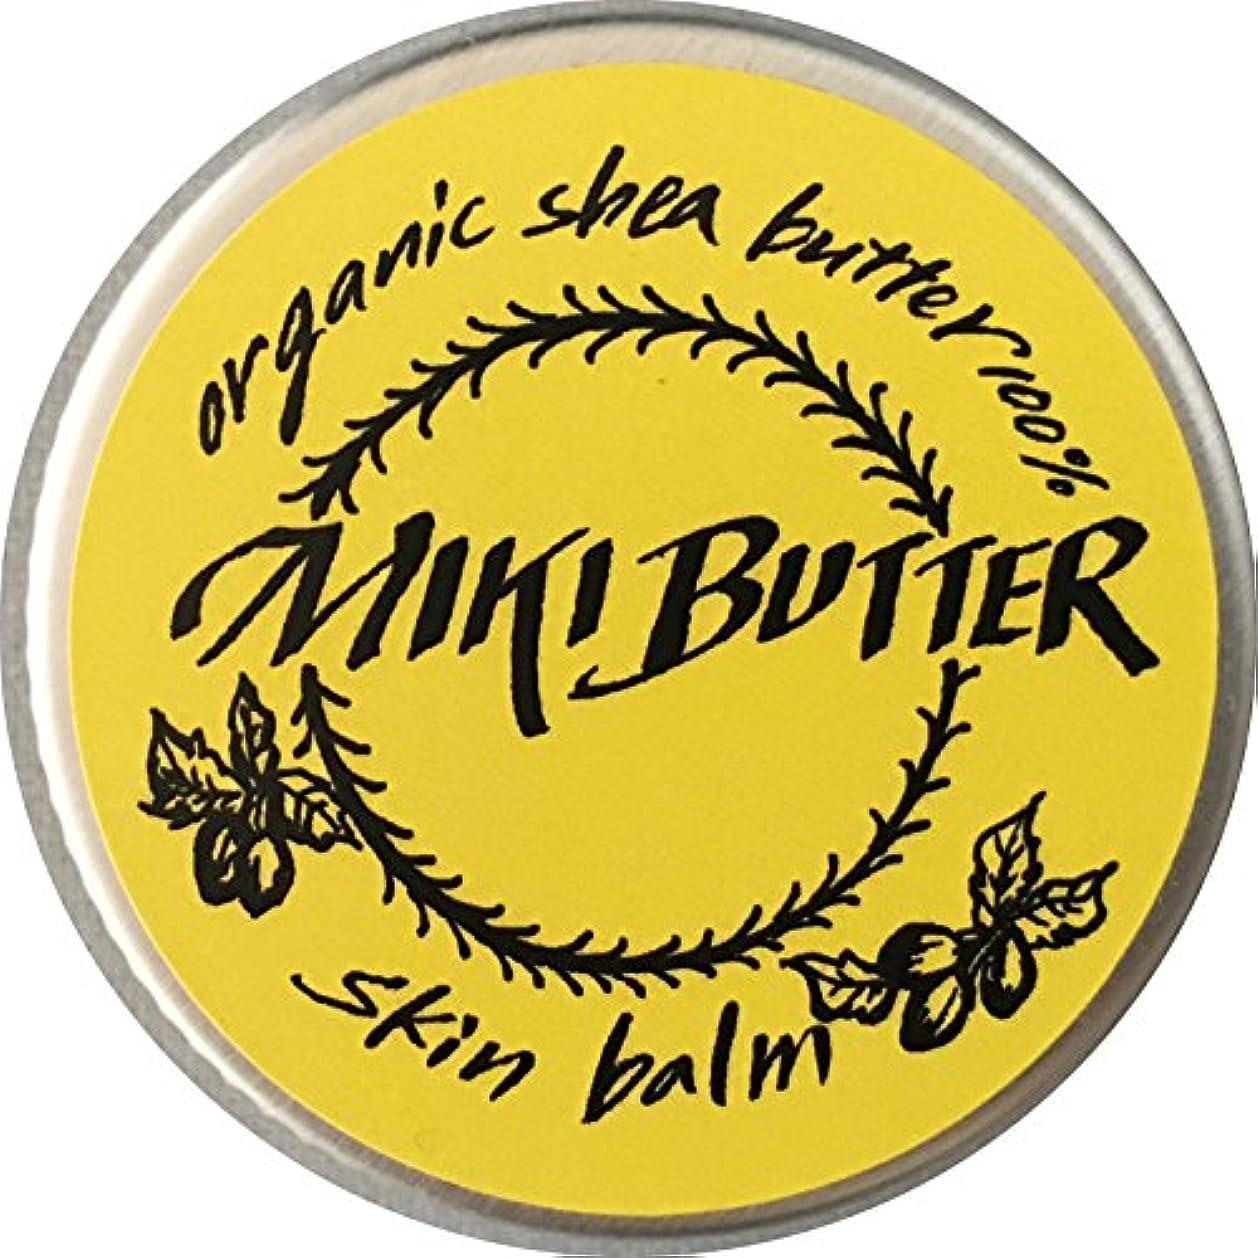 説得力のある時計回り許可する100%天然 未精製シアバター ミキバター (ナチュラル, 45)